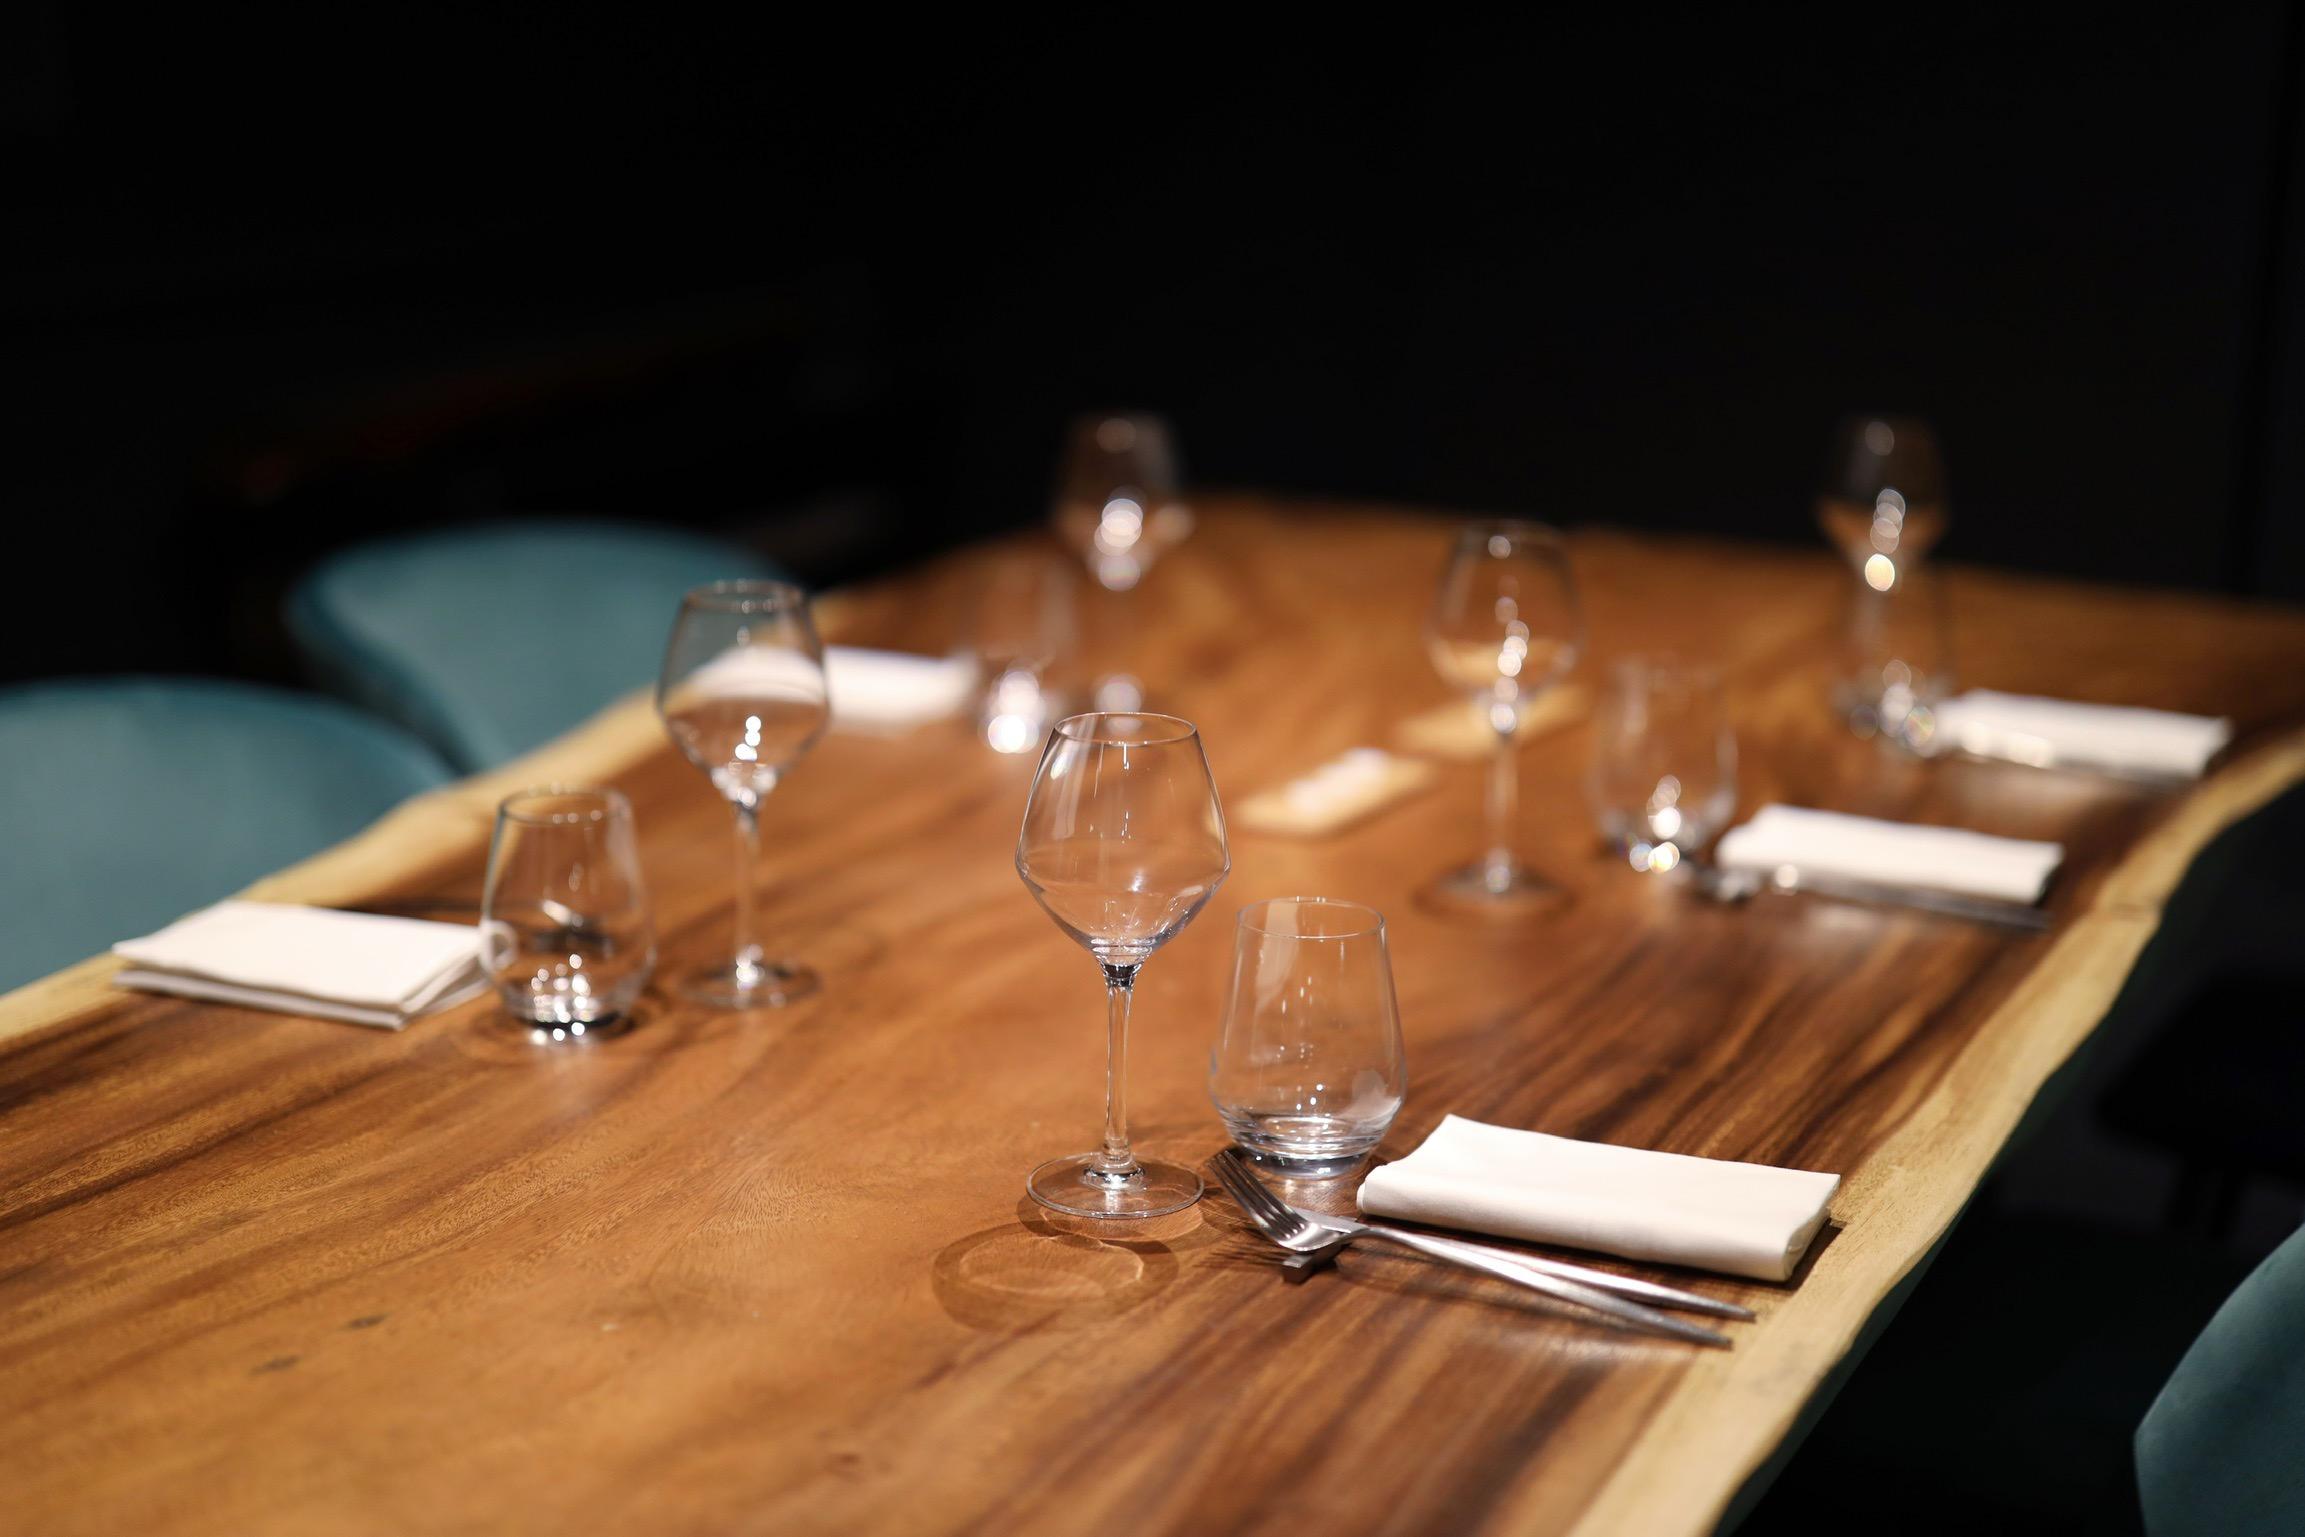 Fanfan restaurant gastronomique - 3 (2).